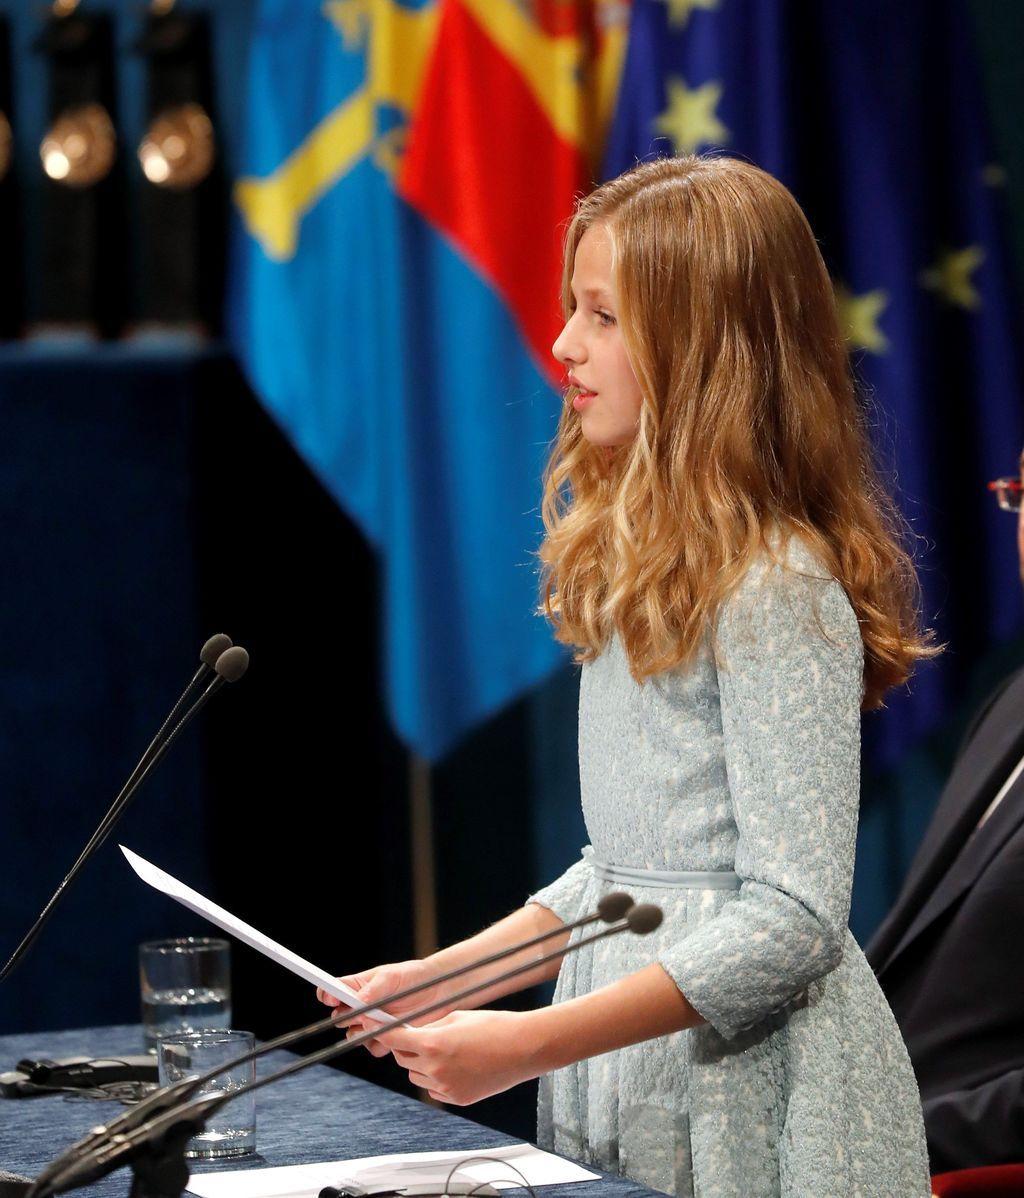 - La princesa Leonor pronuncia su discurso, el primero en su condición de heredera de la Corona